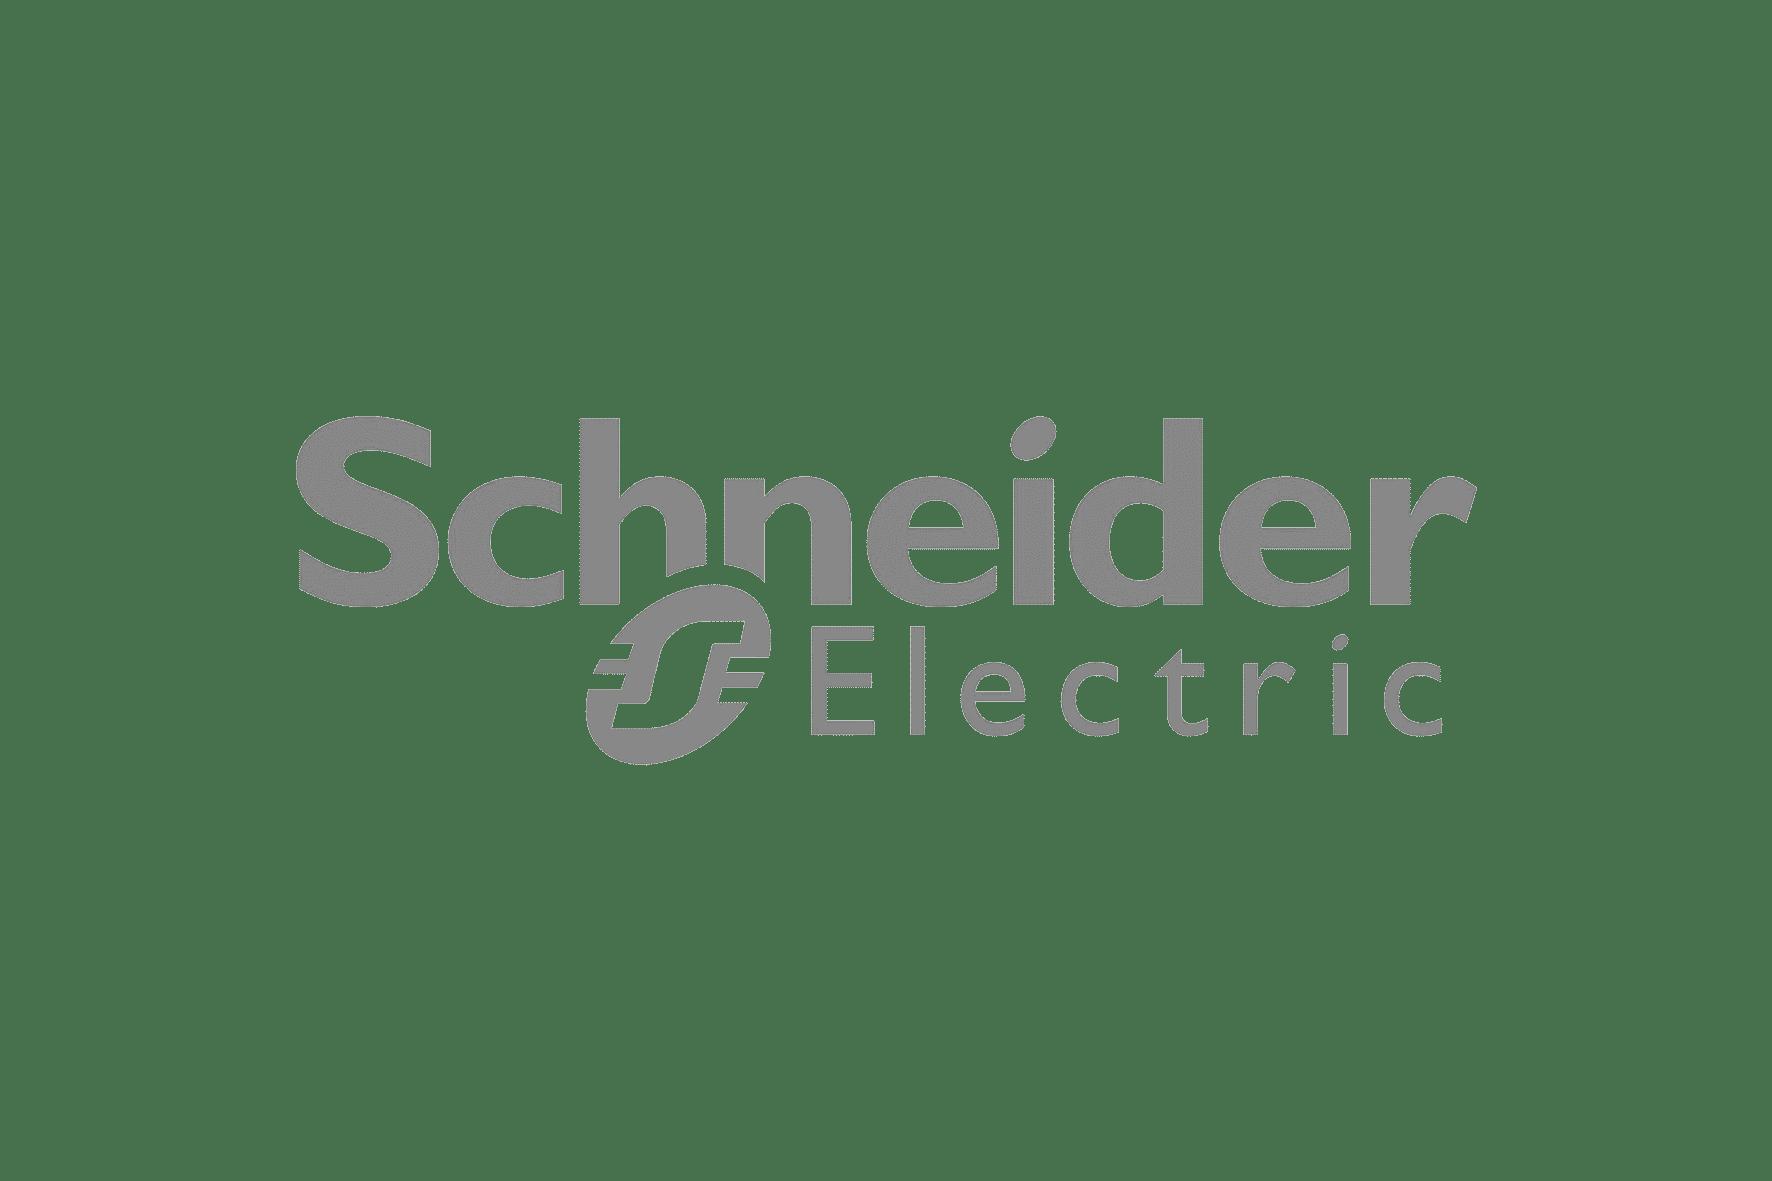 https://doubleve.fr/wp-content/uploads/2019/07/Logo-schneider.png